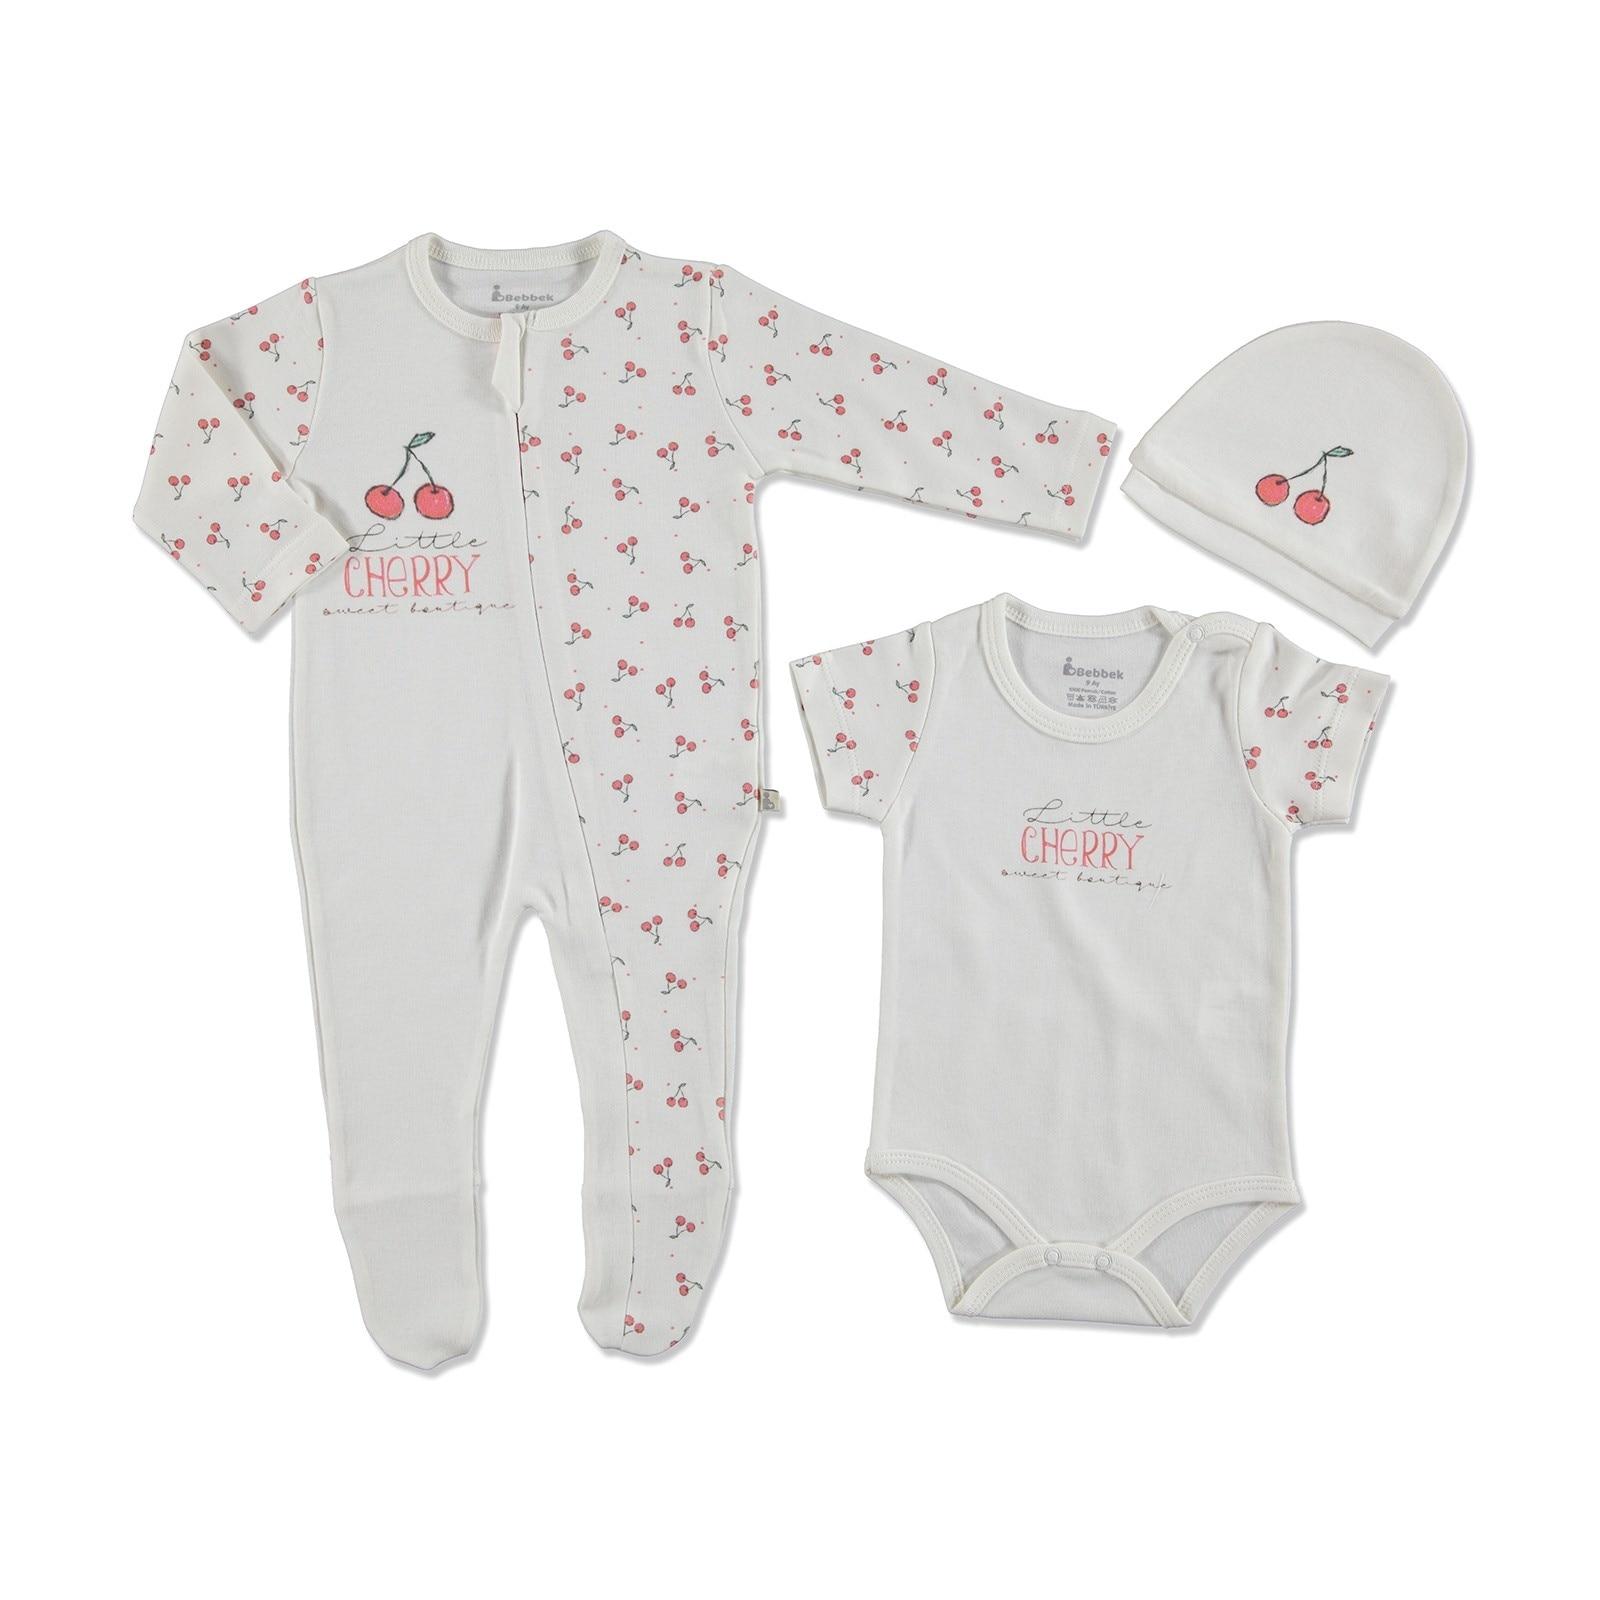 Ebebek Bebbek Summer Baby Girl Cherry Romper Bodysuit Hat 3 Pcs Set